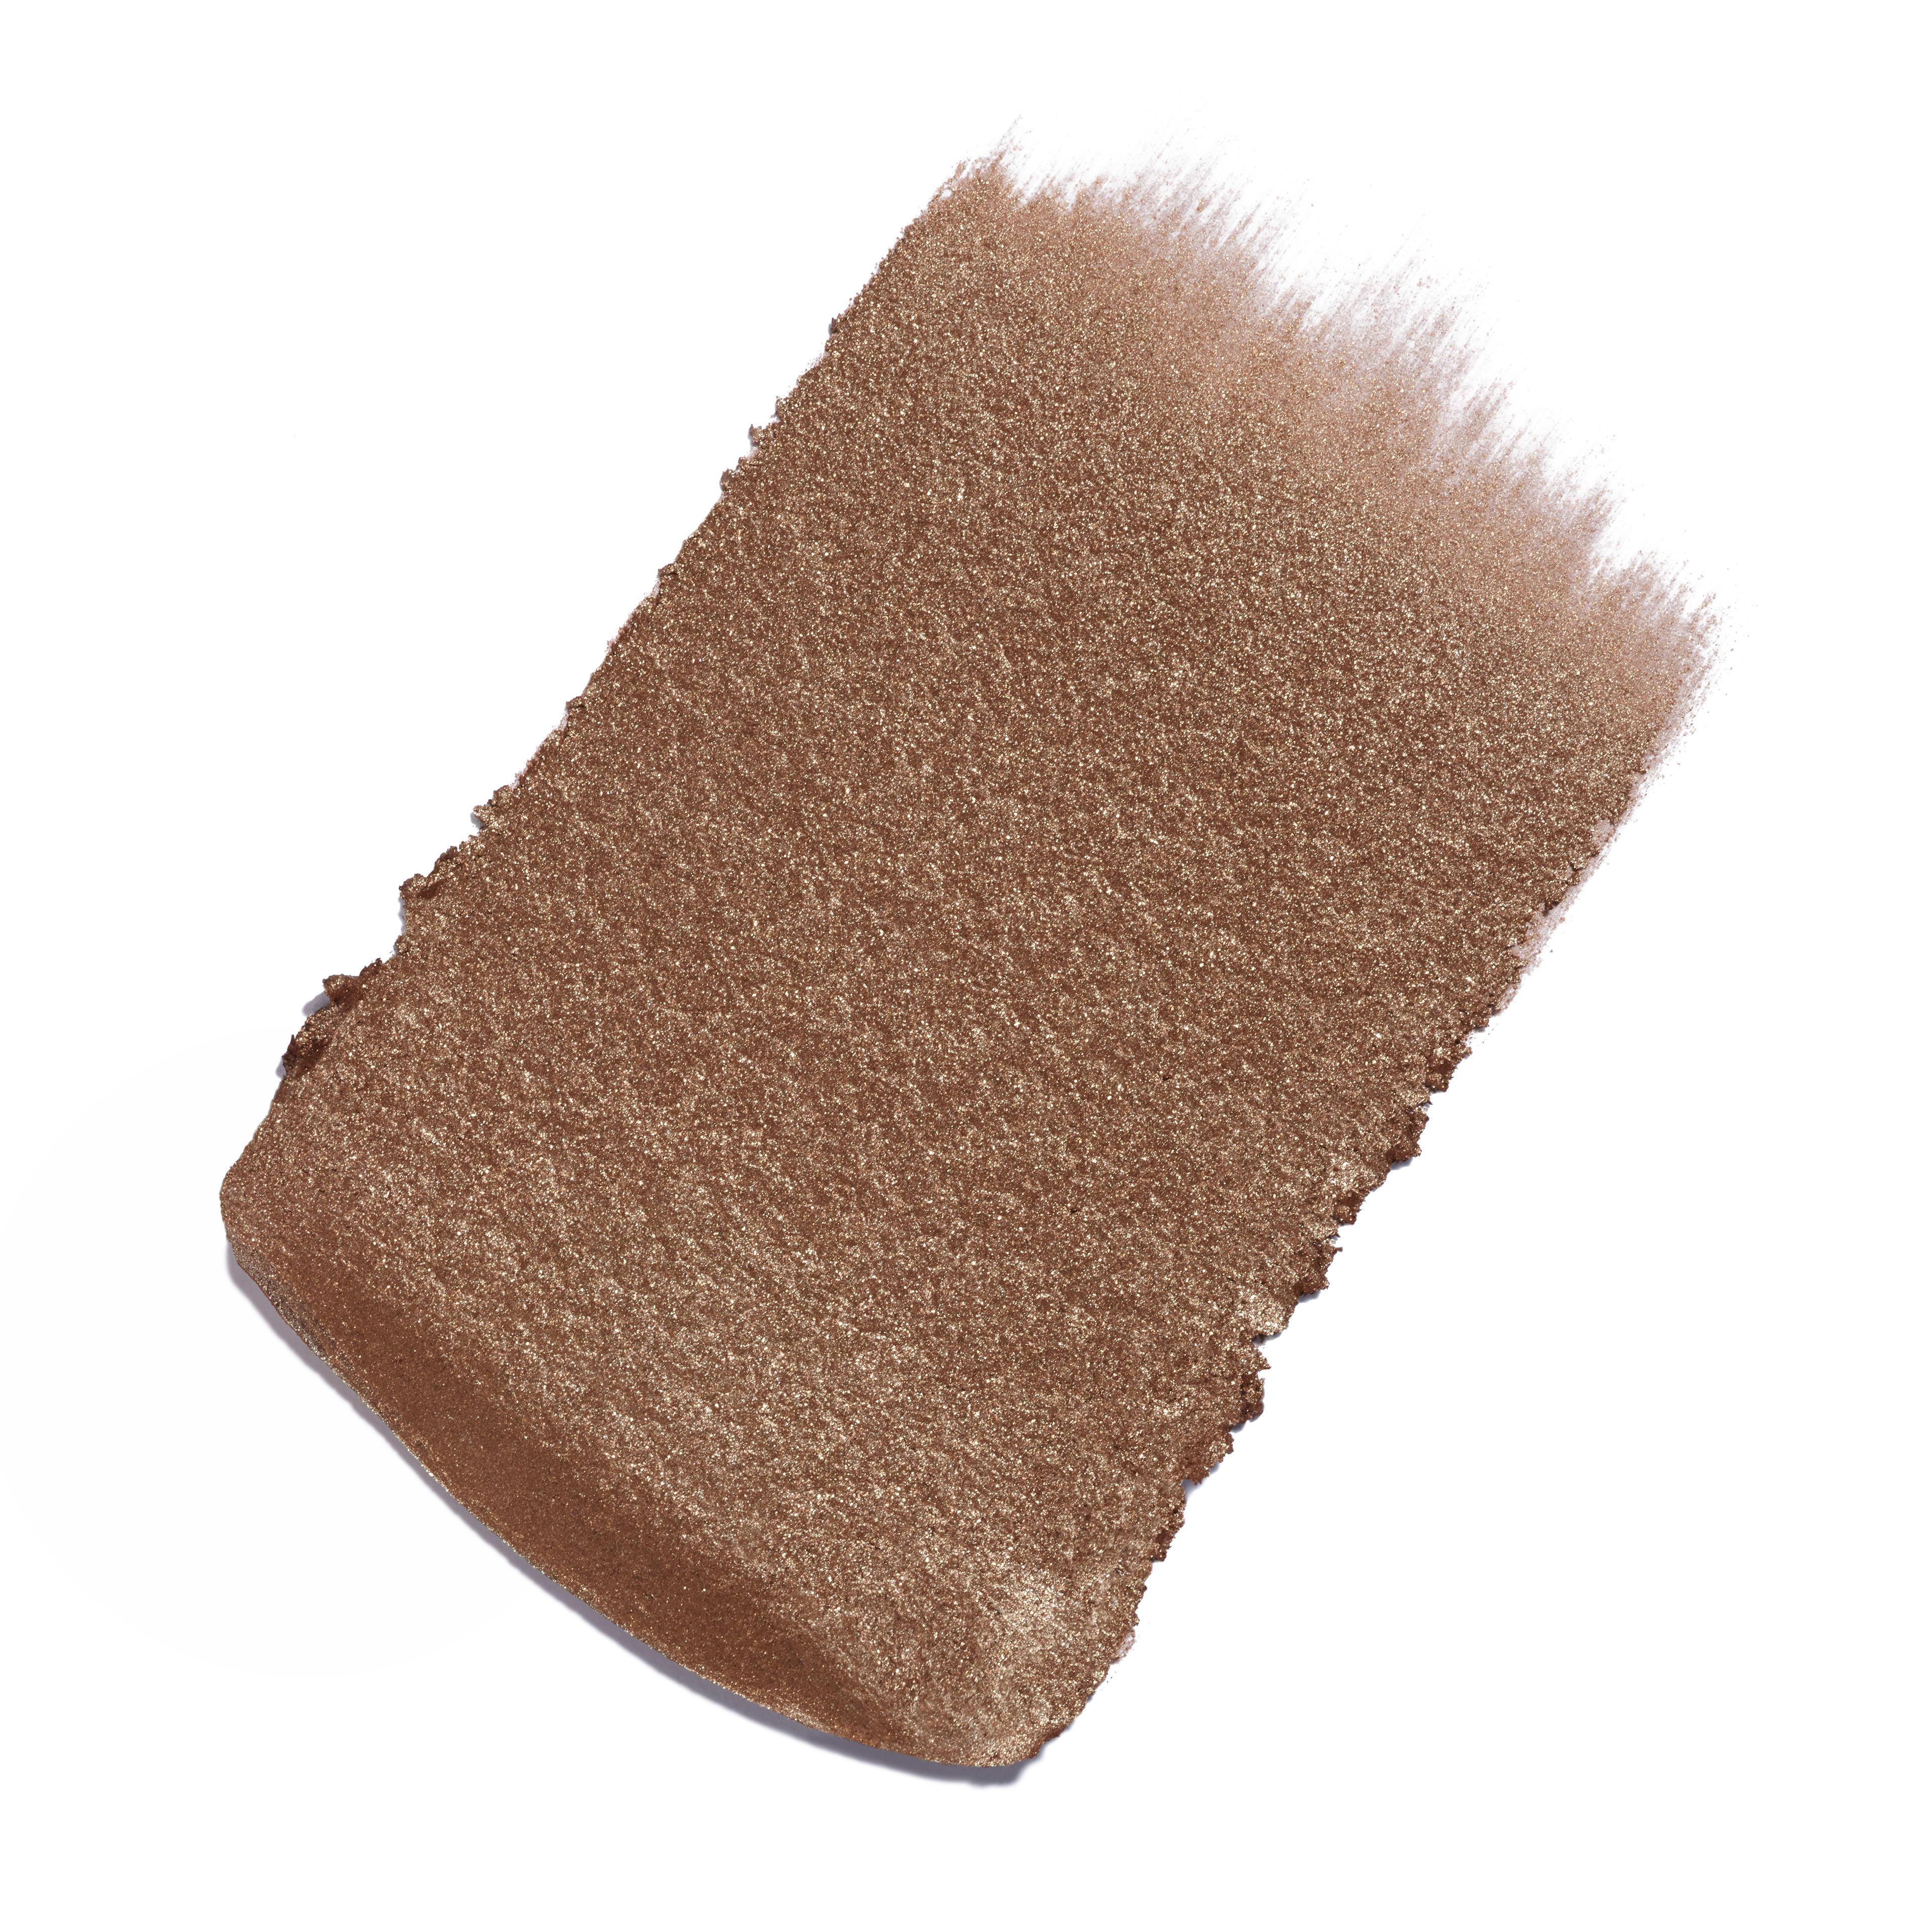 OMBRE PREMIÈRE - makeup - 0.14OZ. - Basic texture view